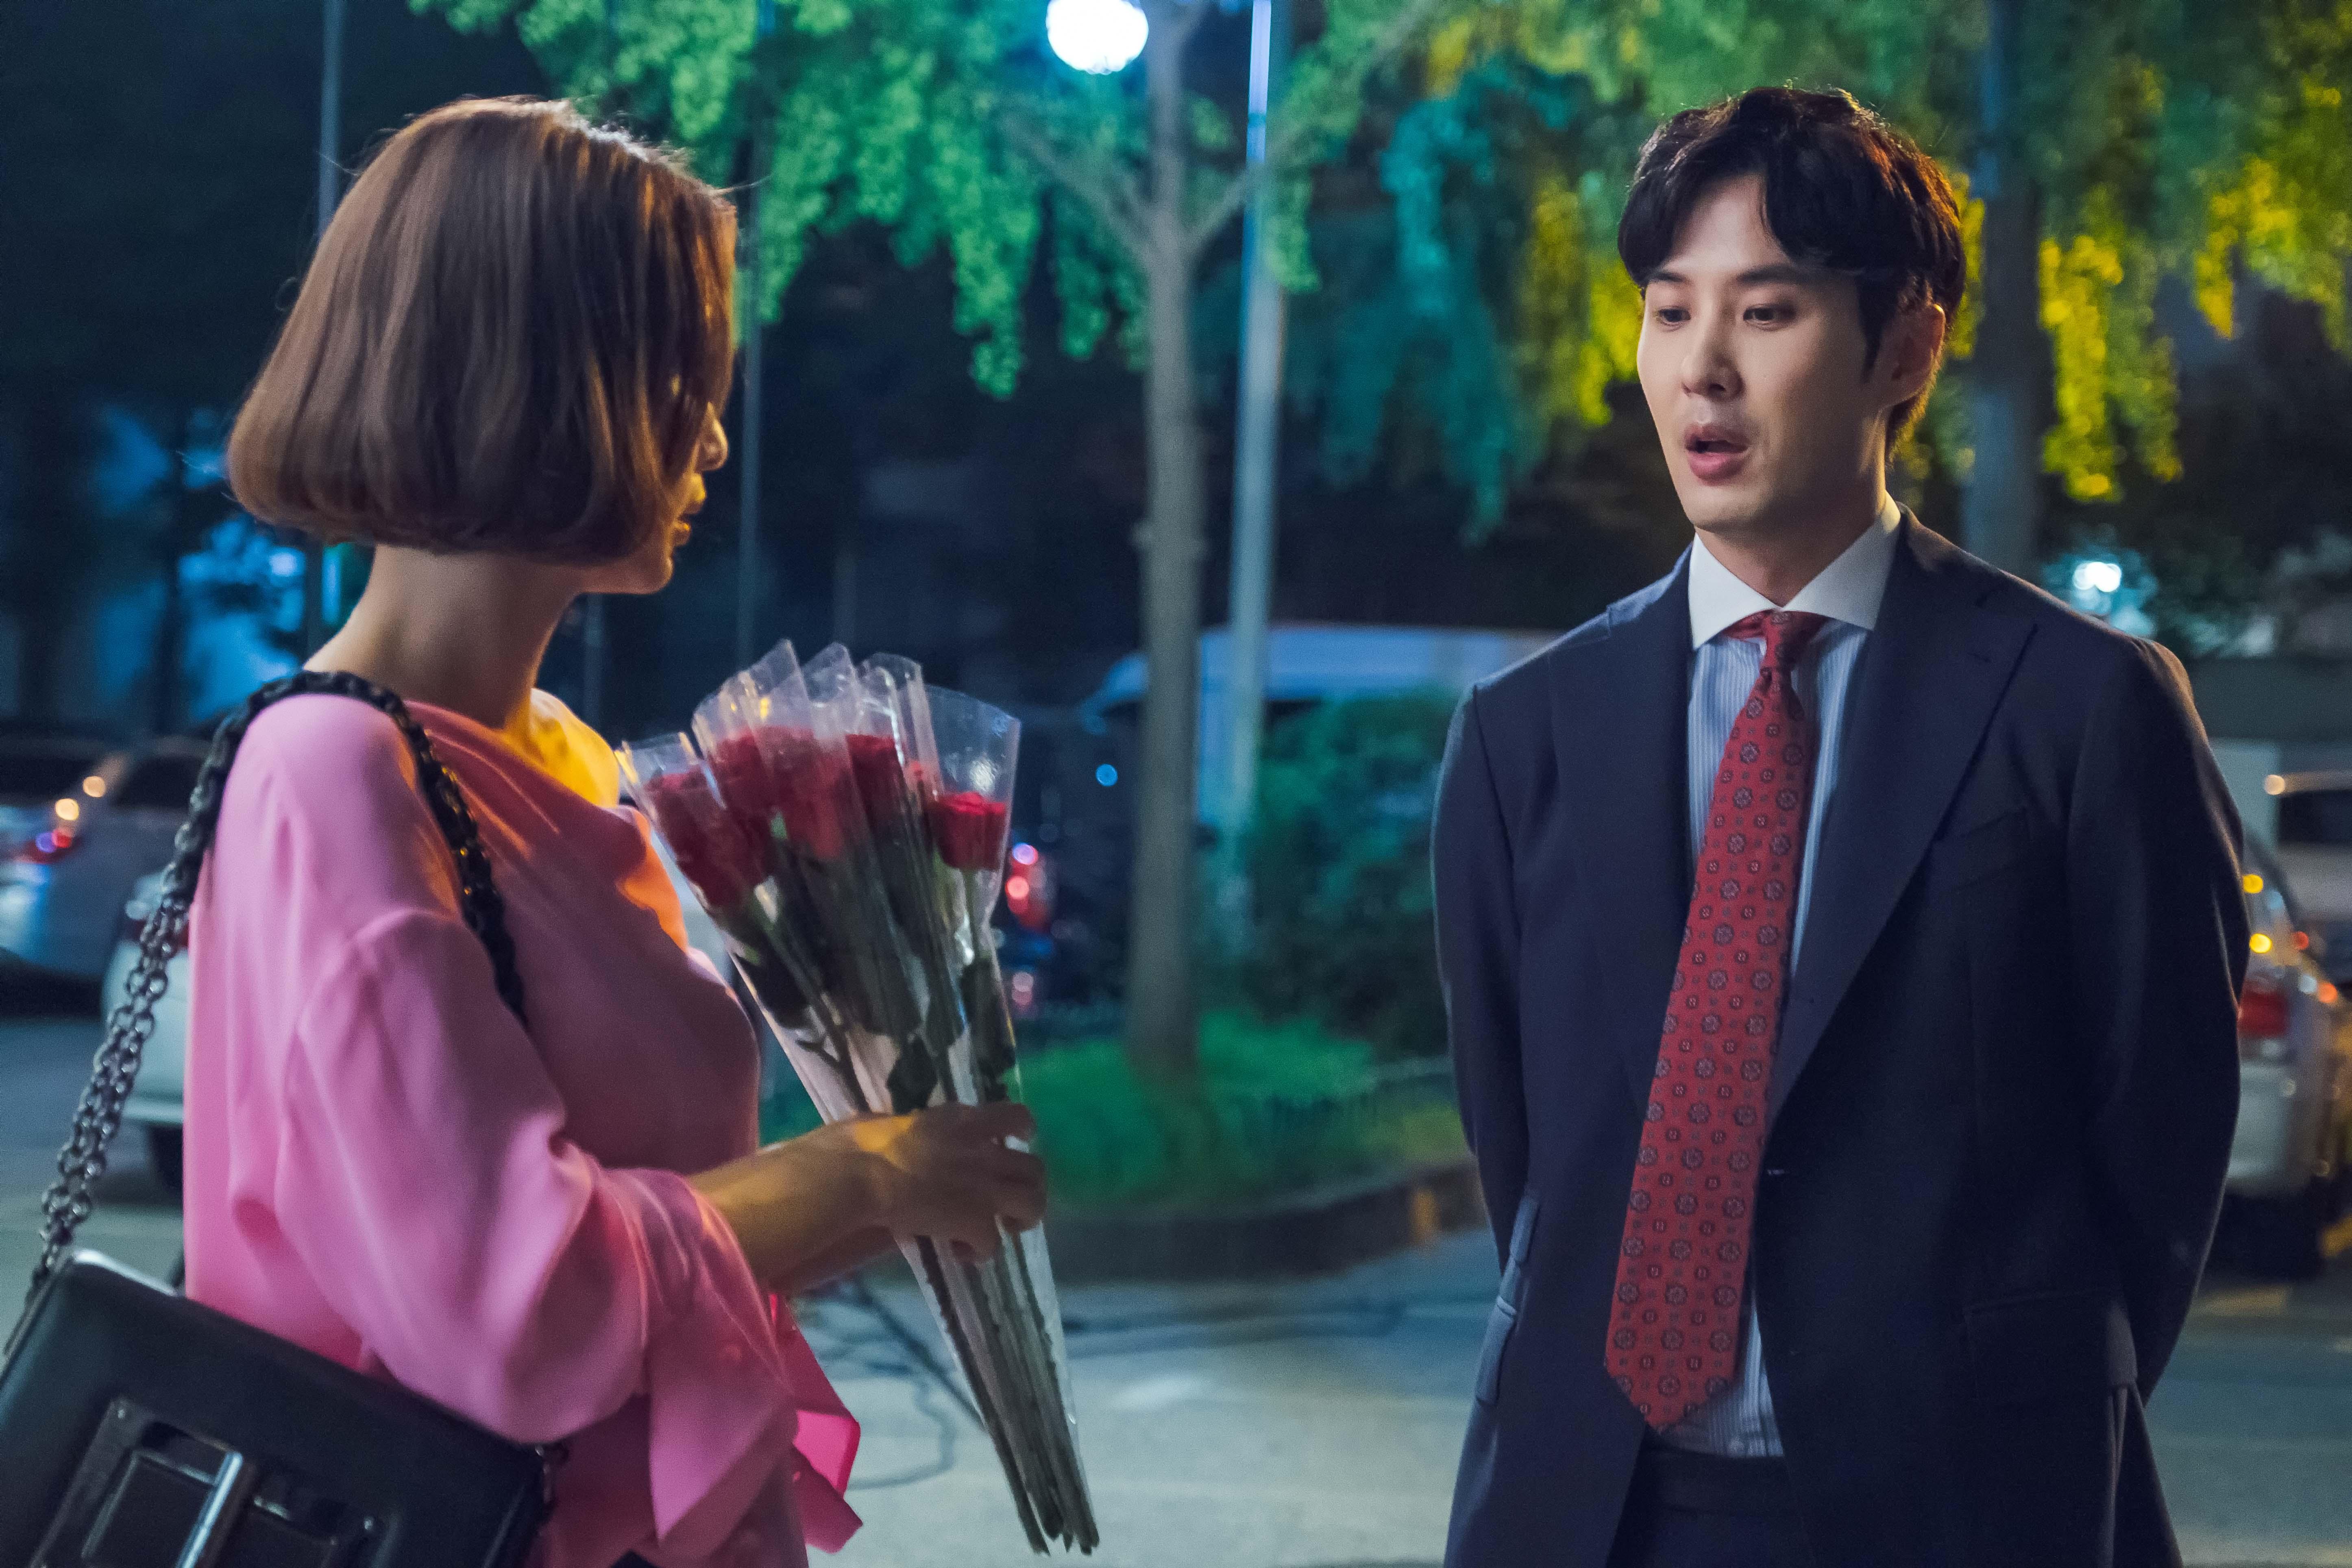 한예슬-김지석, 설레는 '꽃다발 재회' 포착